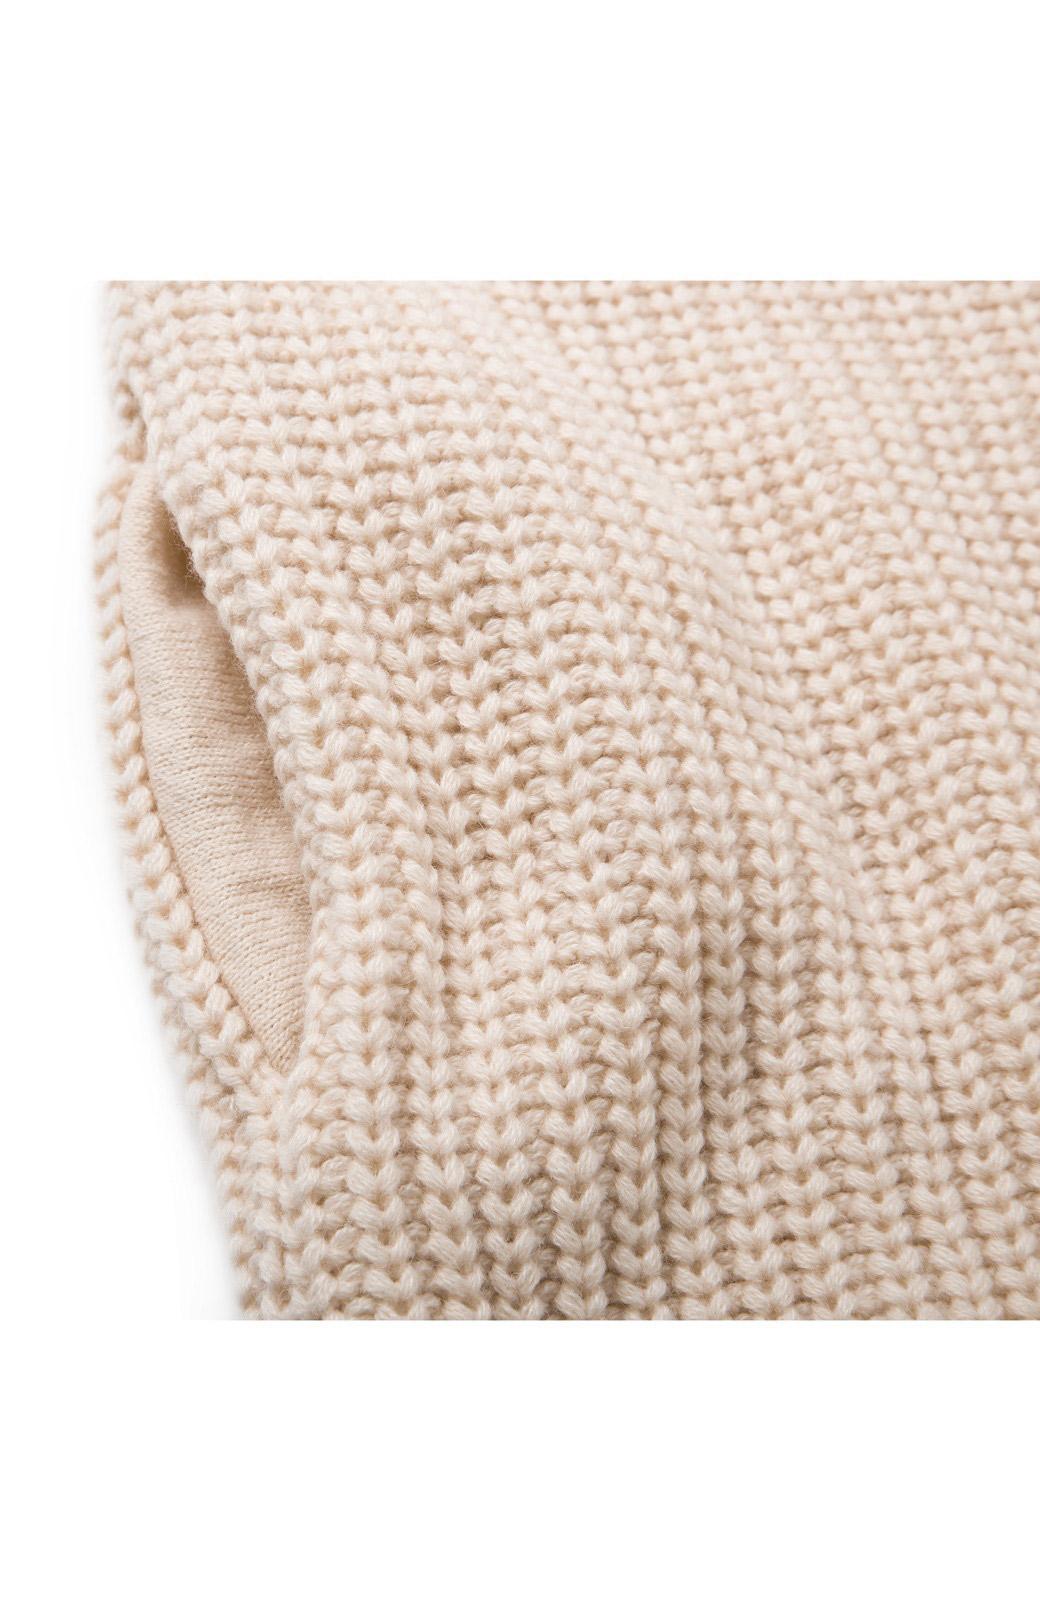 nusy パプコーン編みがかわいい おしゃれニットワンピ <ホワイト>の商品写真5